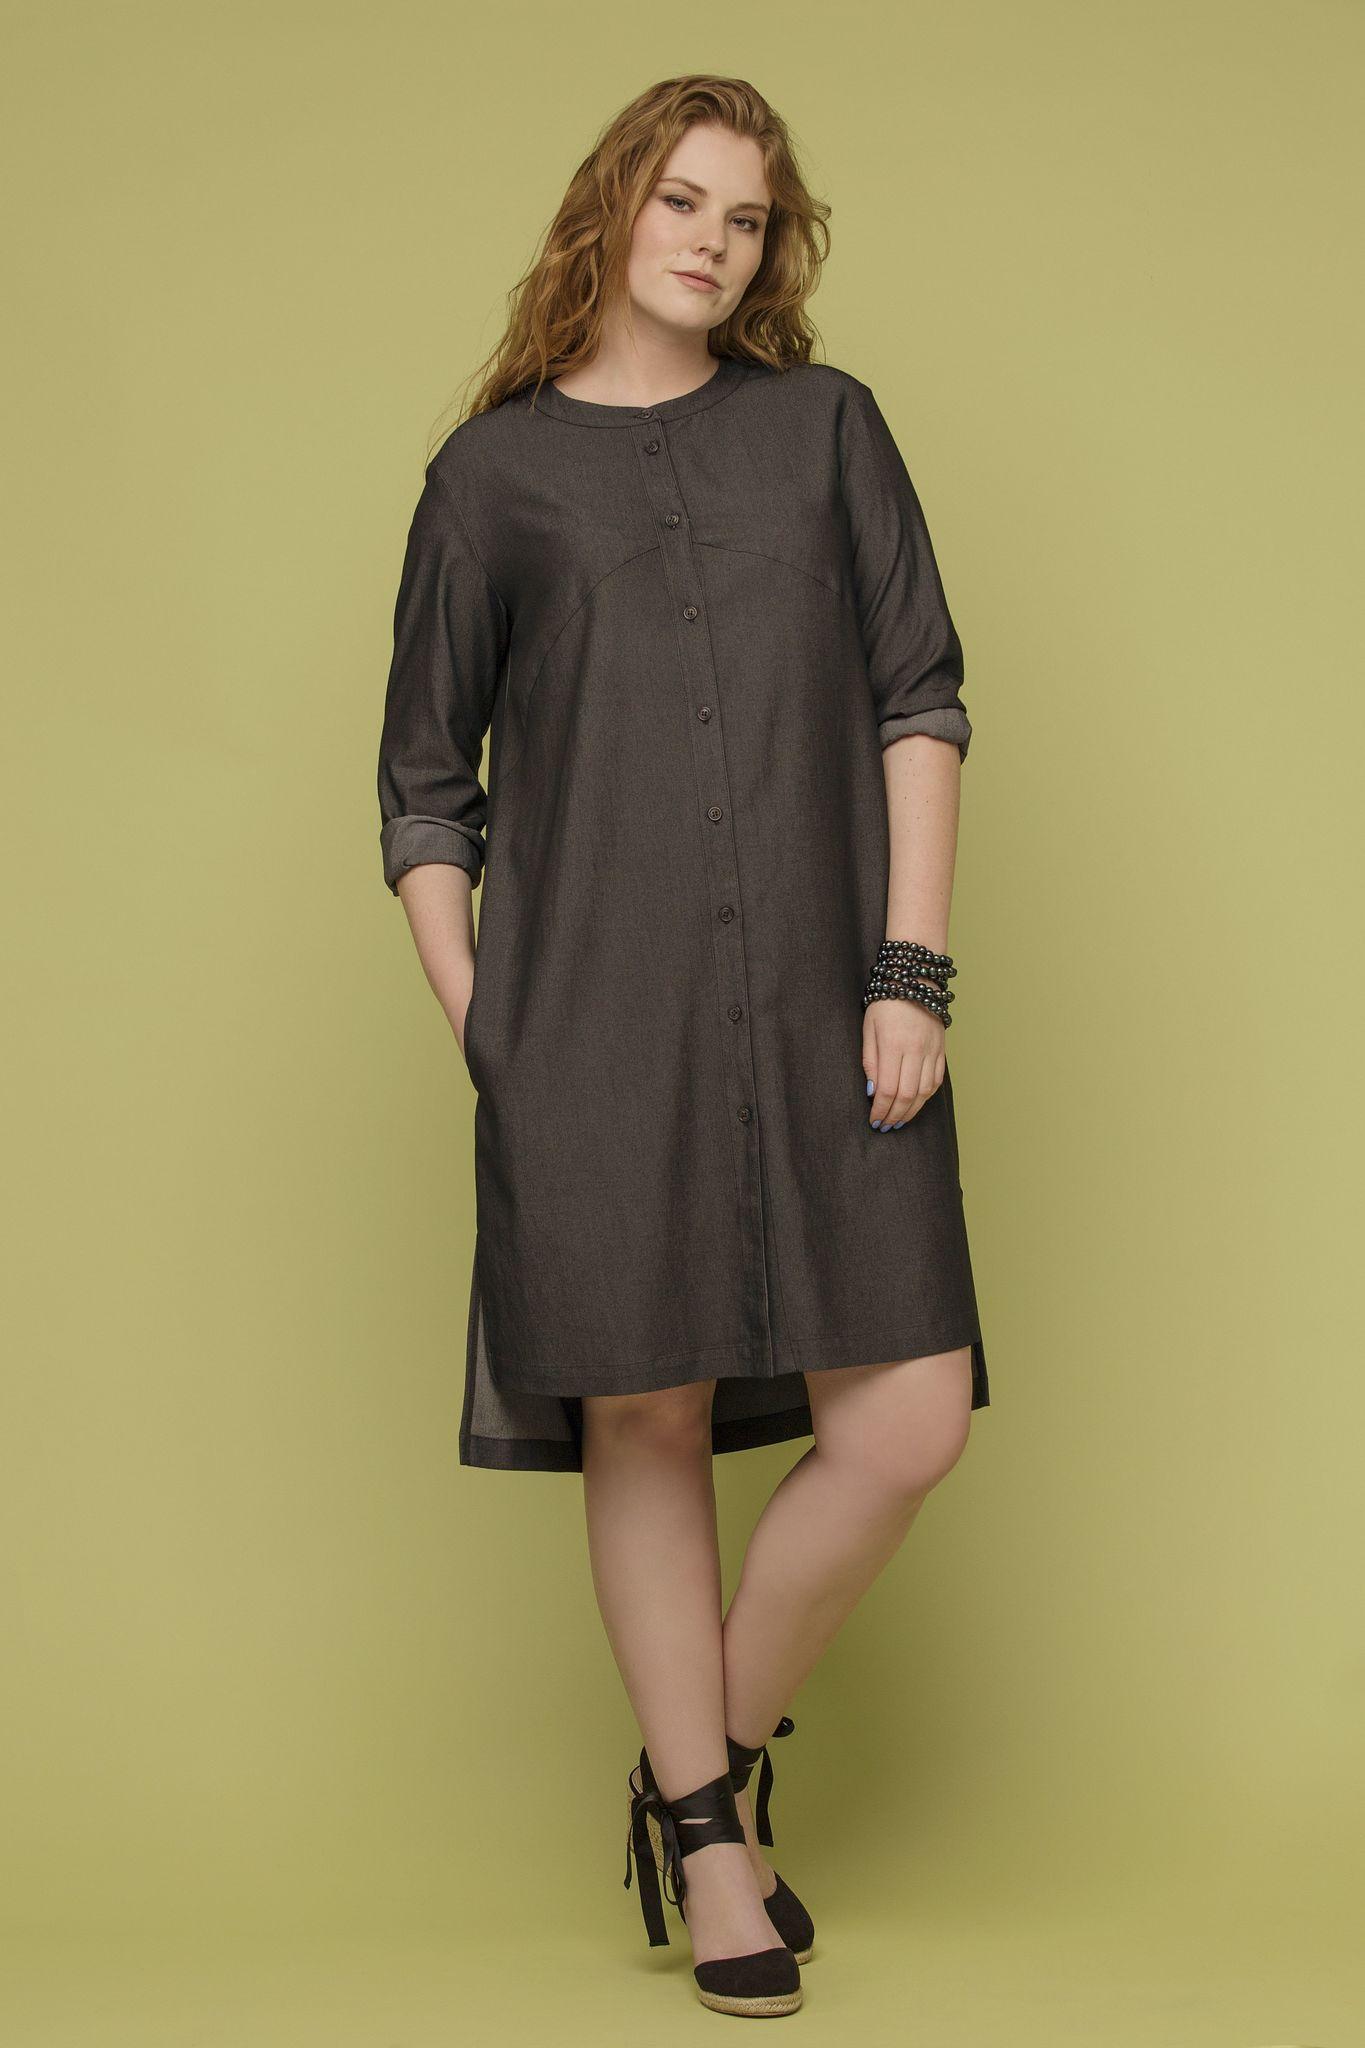 Платье LE-04 D02 32Платья<br>Платье-рубашка из тонкой и пластичной джинсы, создаст тот самый, нужный и правильный образ  в вашем  гардеробе. Идеально для жаркой погоды, как платье , а для прохладной, как очень легкий кардиган. Разноуровневый низ - небольшаой акцент, который делает образ запоминающимся и ярким. Ограниченный тираж!<br>